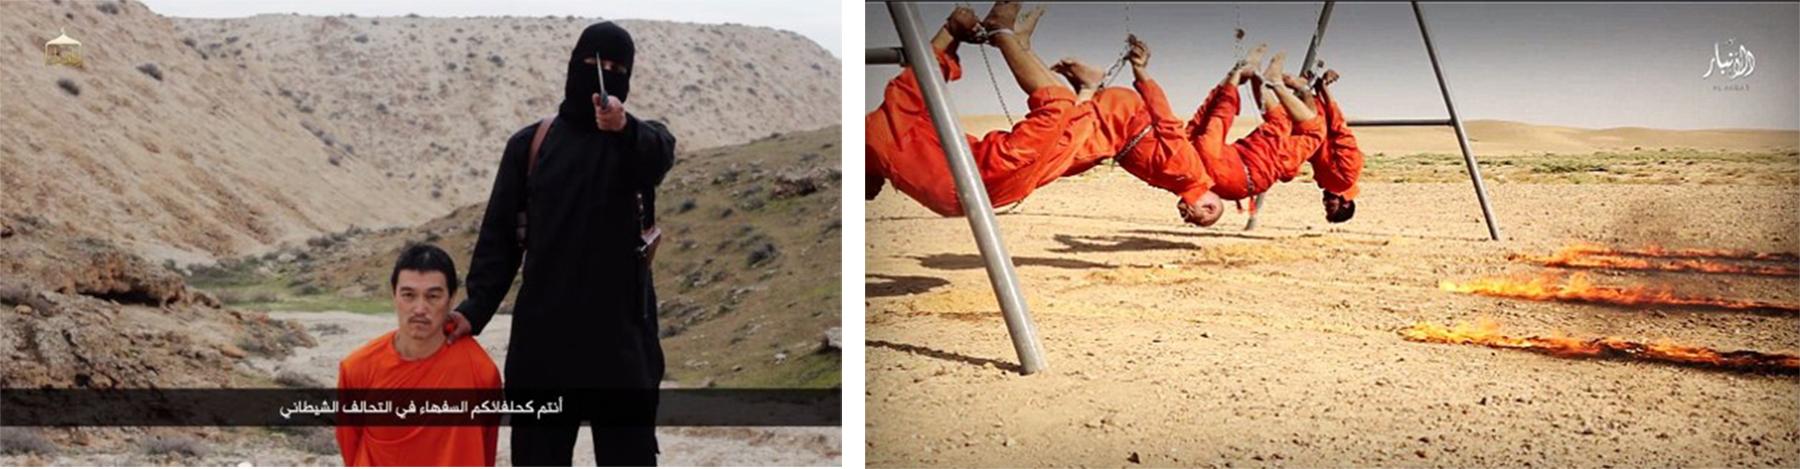 """Кадры из роликов """"Исламского государства""""."""